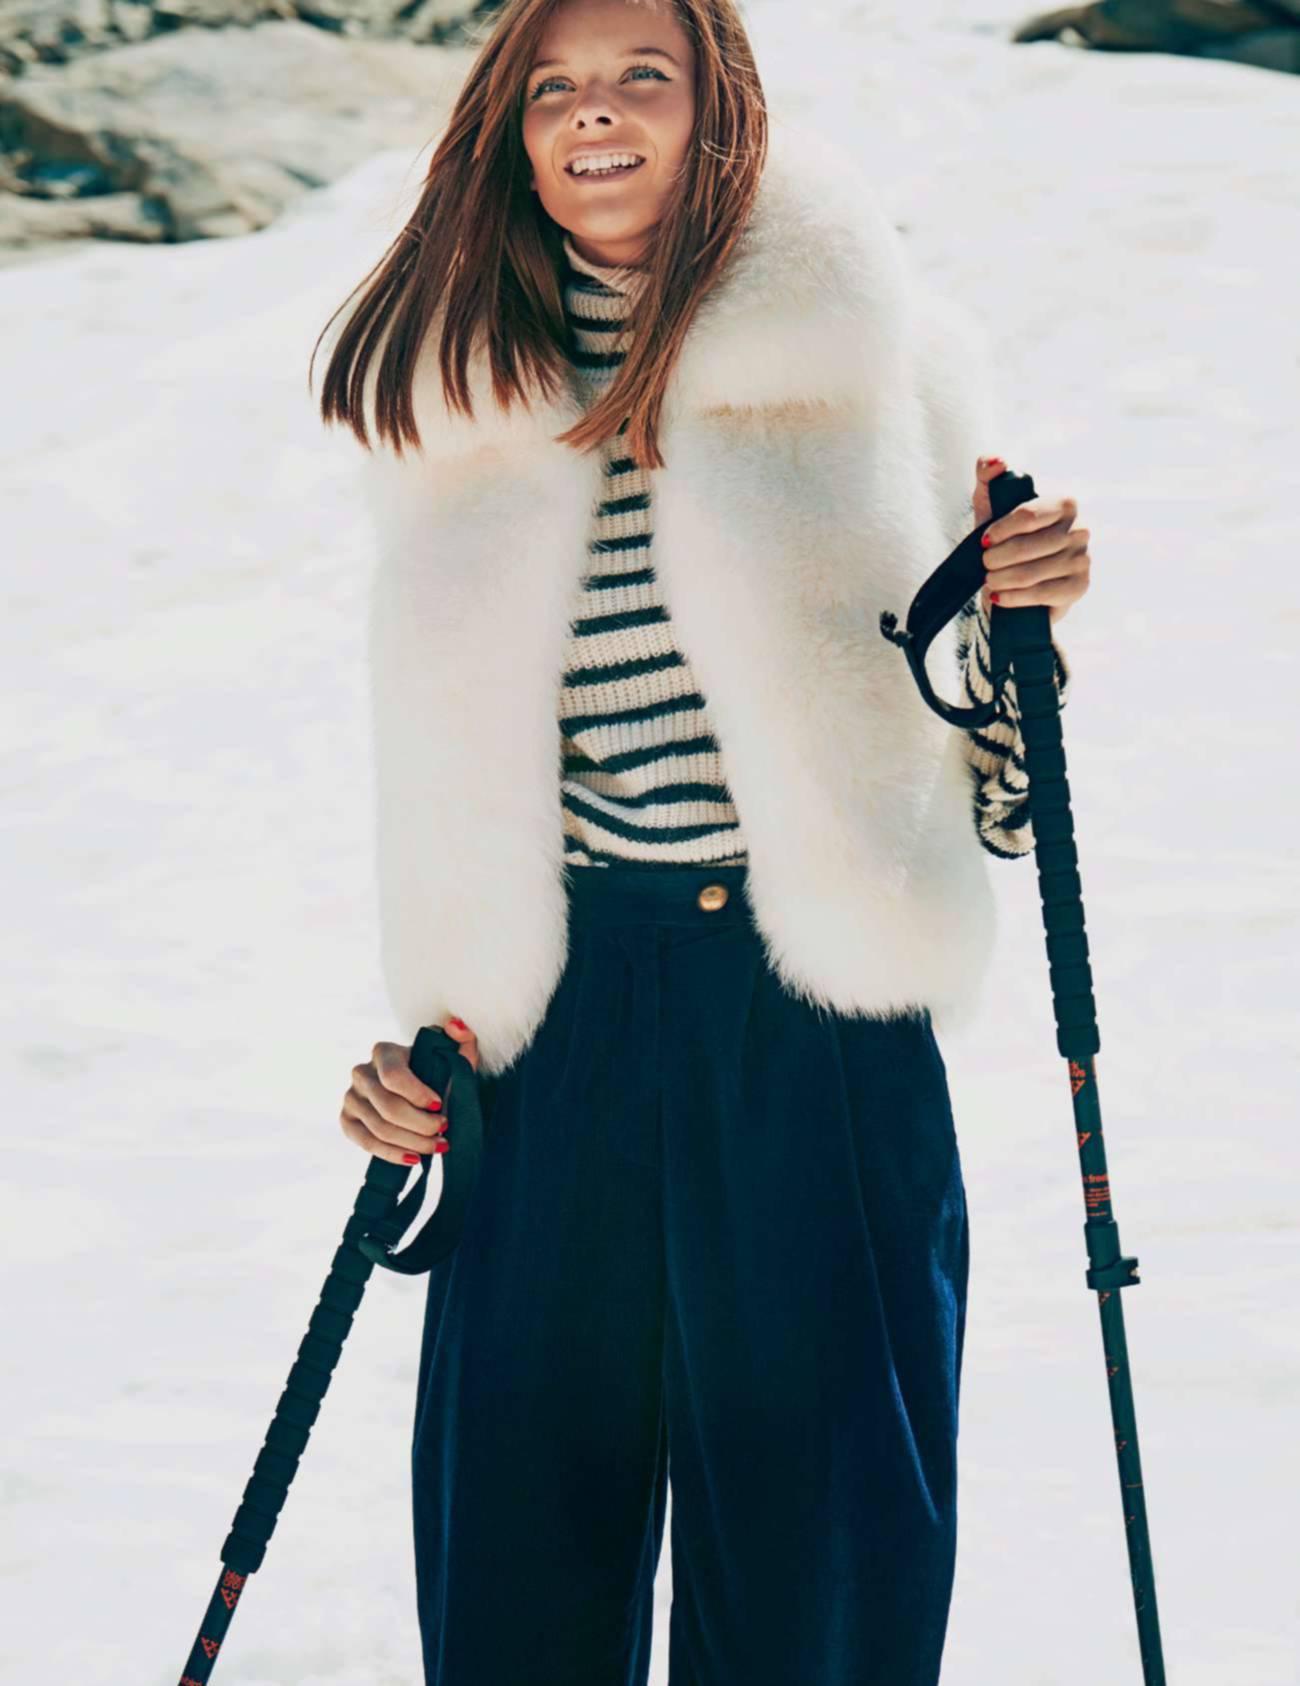 куртка из лисьего меха, Sprung Frères; водолазка из шерсти, Iro; брюки из бархата, Forte-Forte; лыжные палки, Black Crows